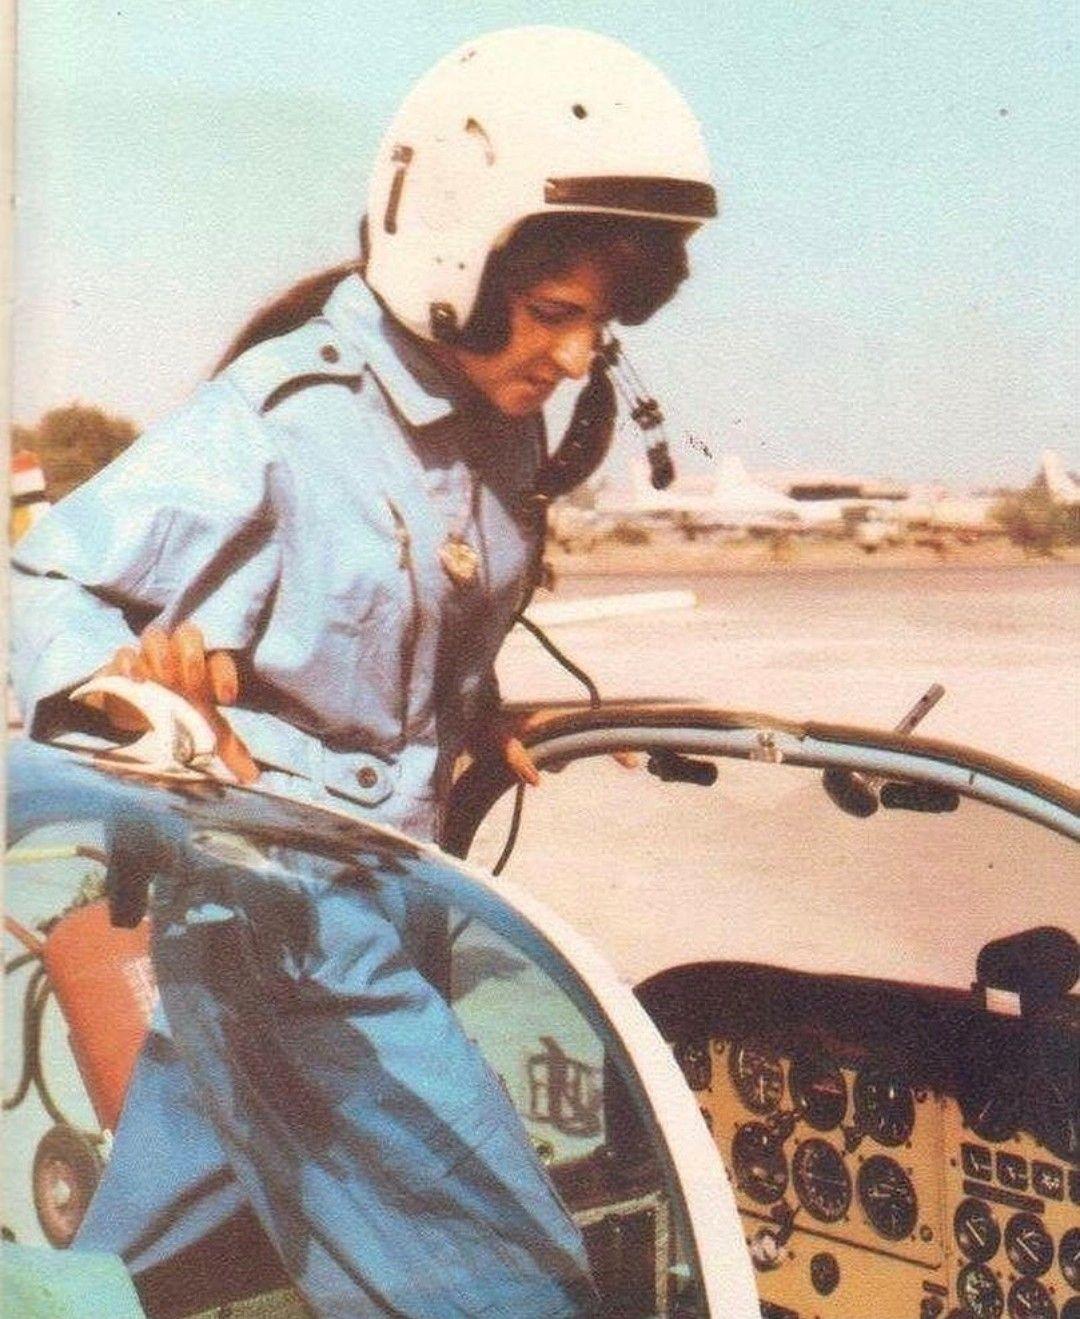 الكابتن فائزة جاسم العزاوي في دورة طيران مؤسسة الشباب قبل دخول كلية القوة الجوية نهاية السبعينات Captain Hat Baghdad Hard Hat